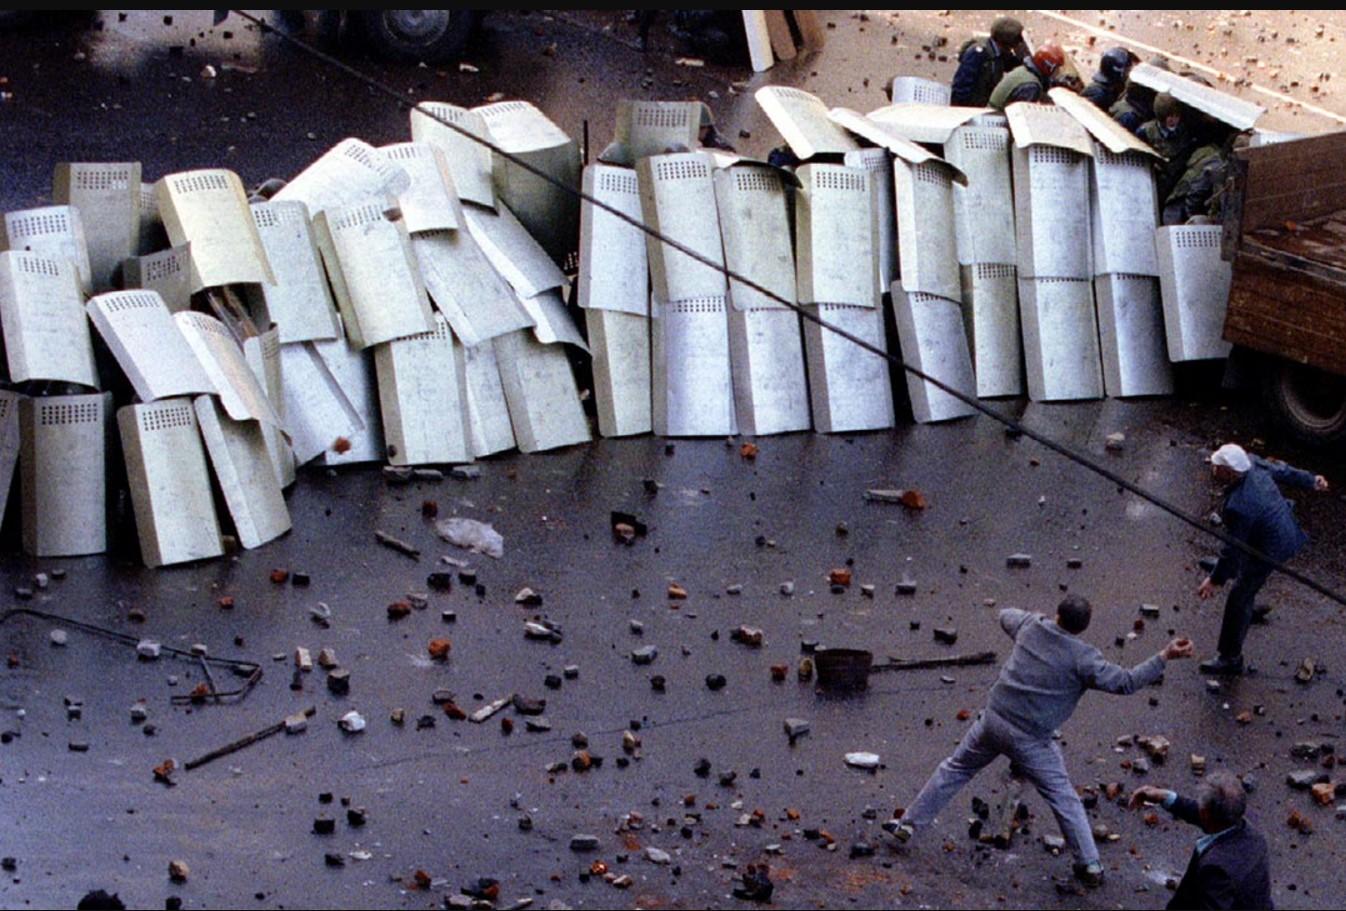 Столкновения участников демонстрации коммунистов с милицией и внутренними войсками. Москва, 1 мая 1993